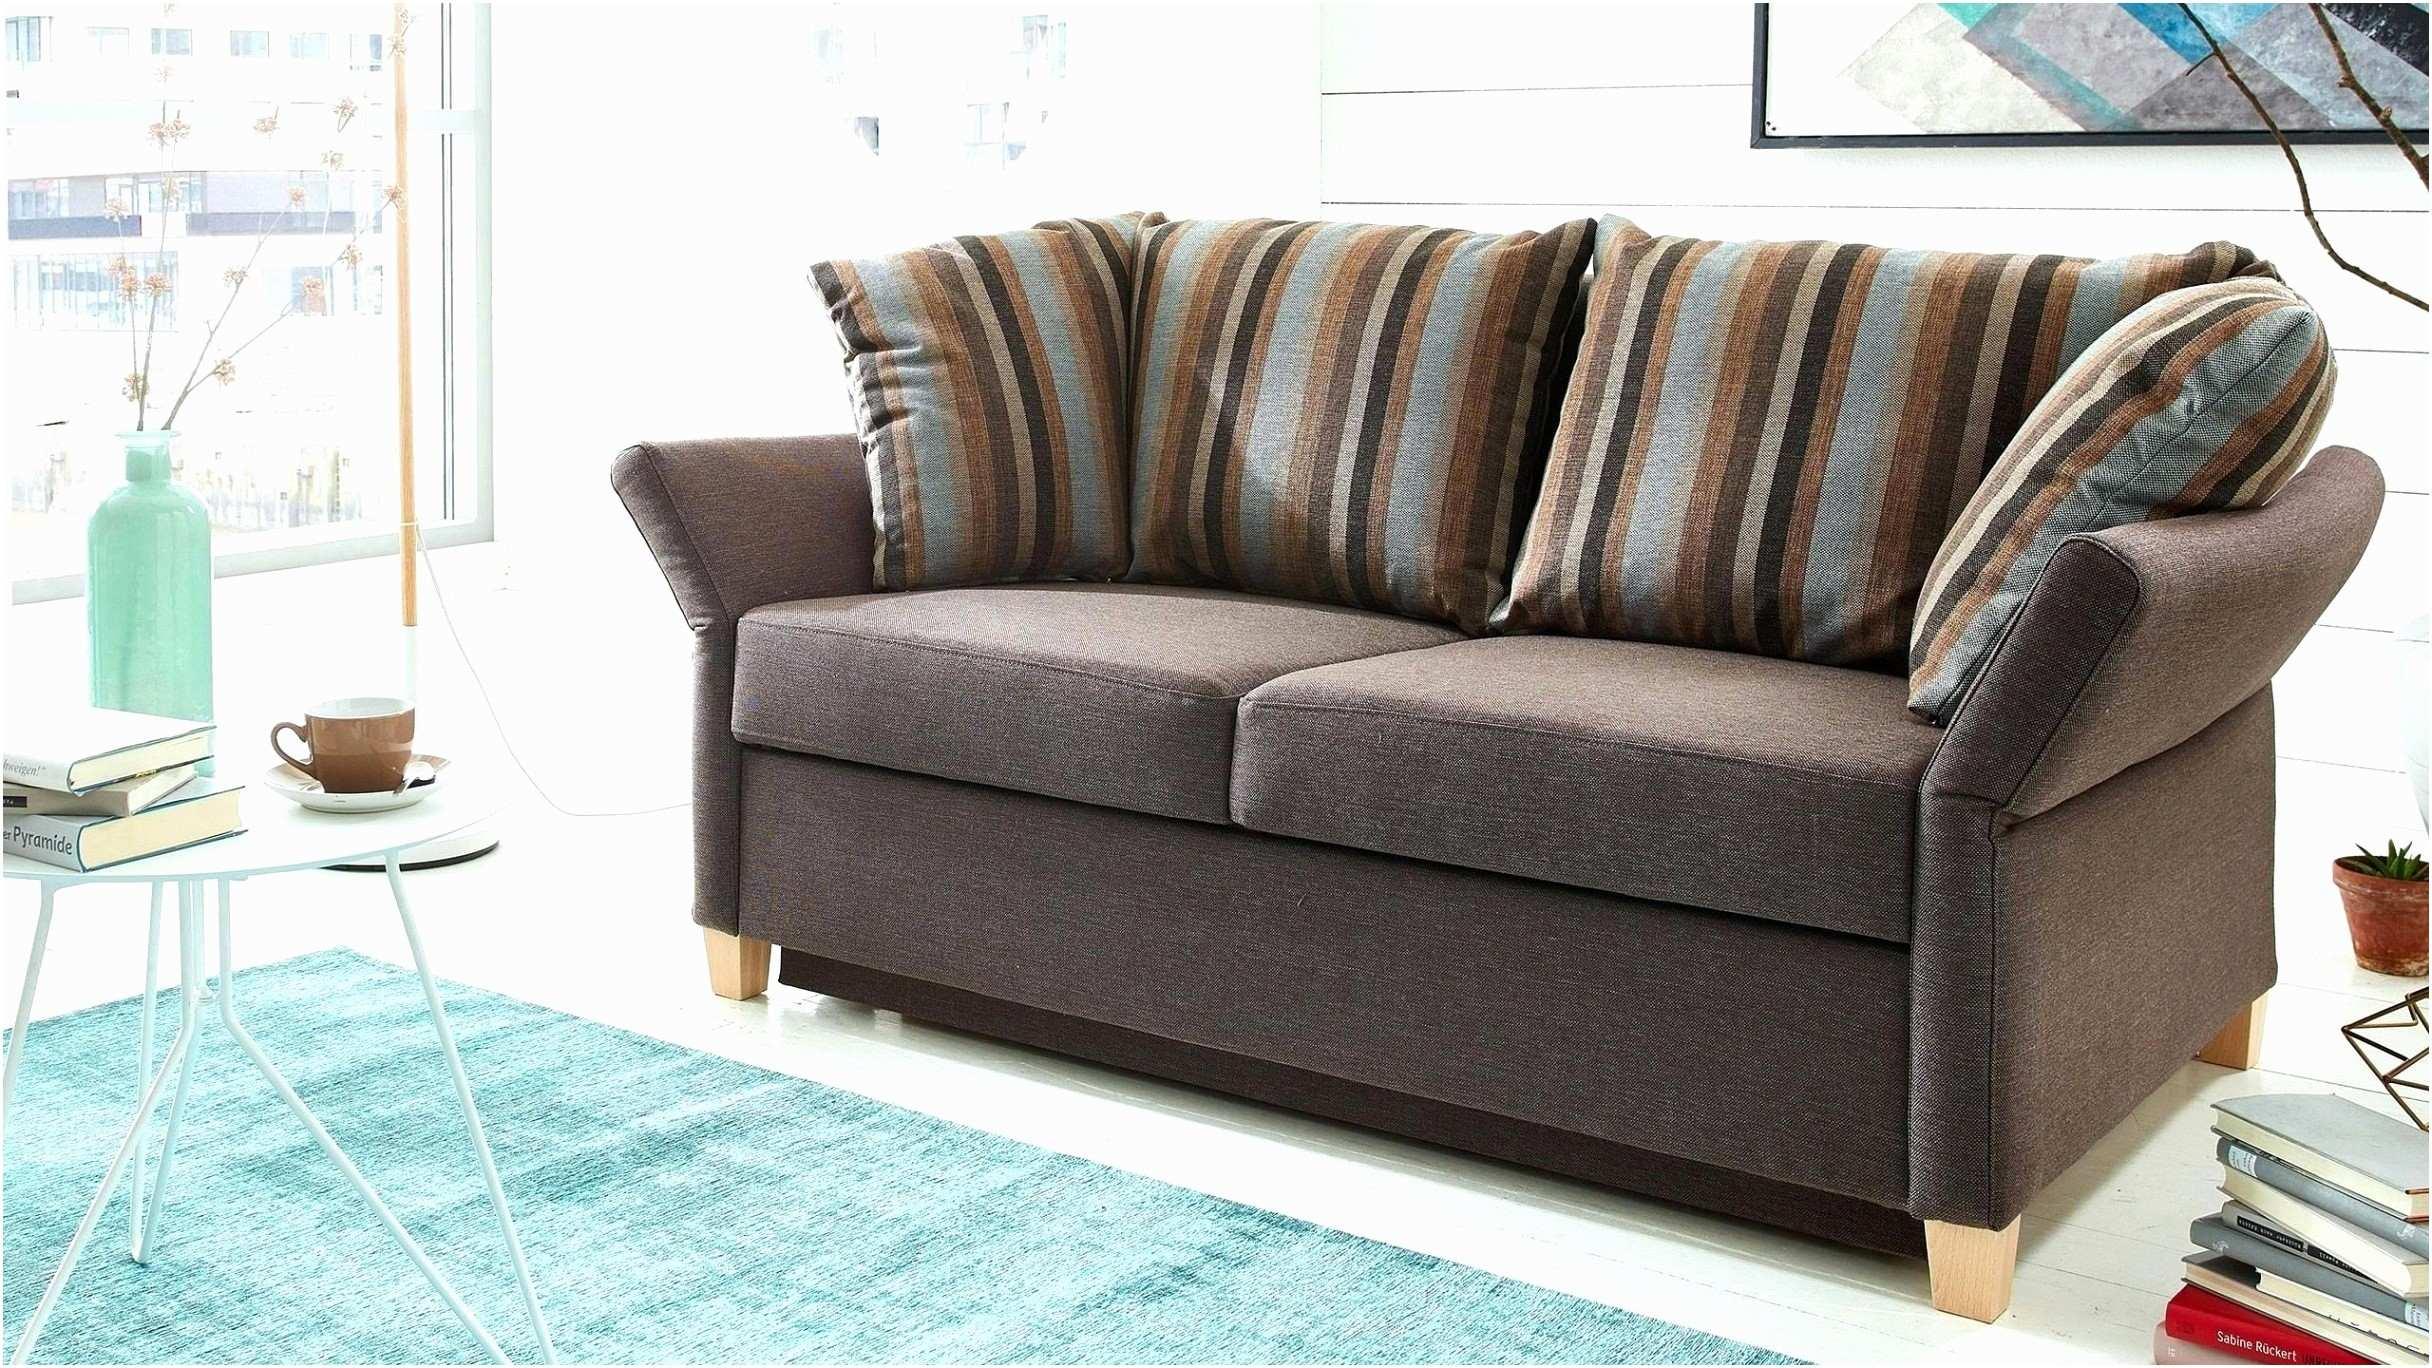 Full Size of Couch Terrasse Ecksofa Mit Sessel Inspirierend Rattan Sofa Garten Gute Sofas Neu Wohnzimmer Couch Terrasse